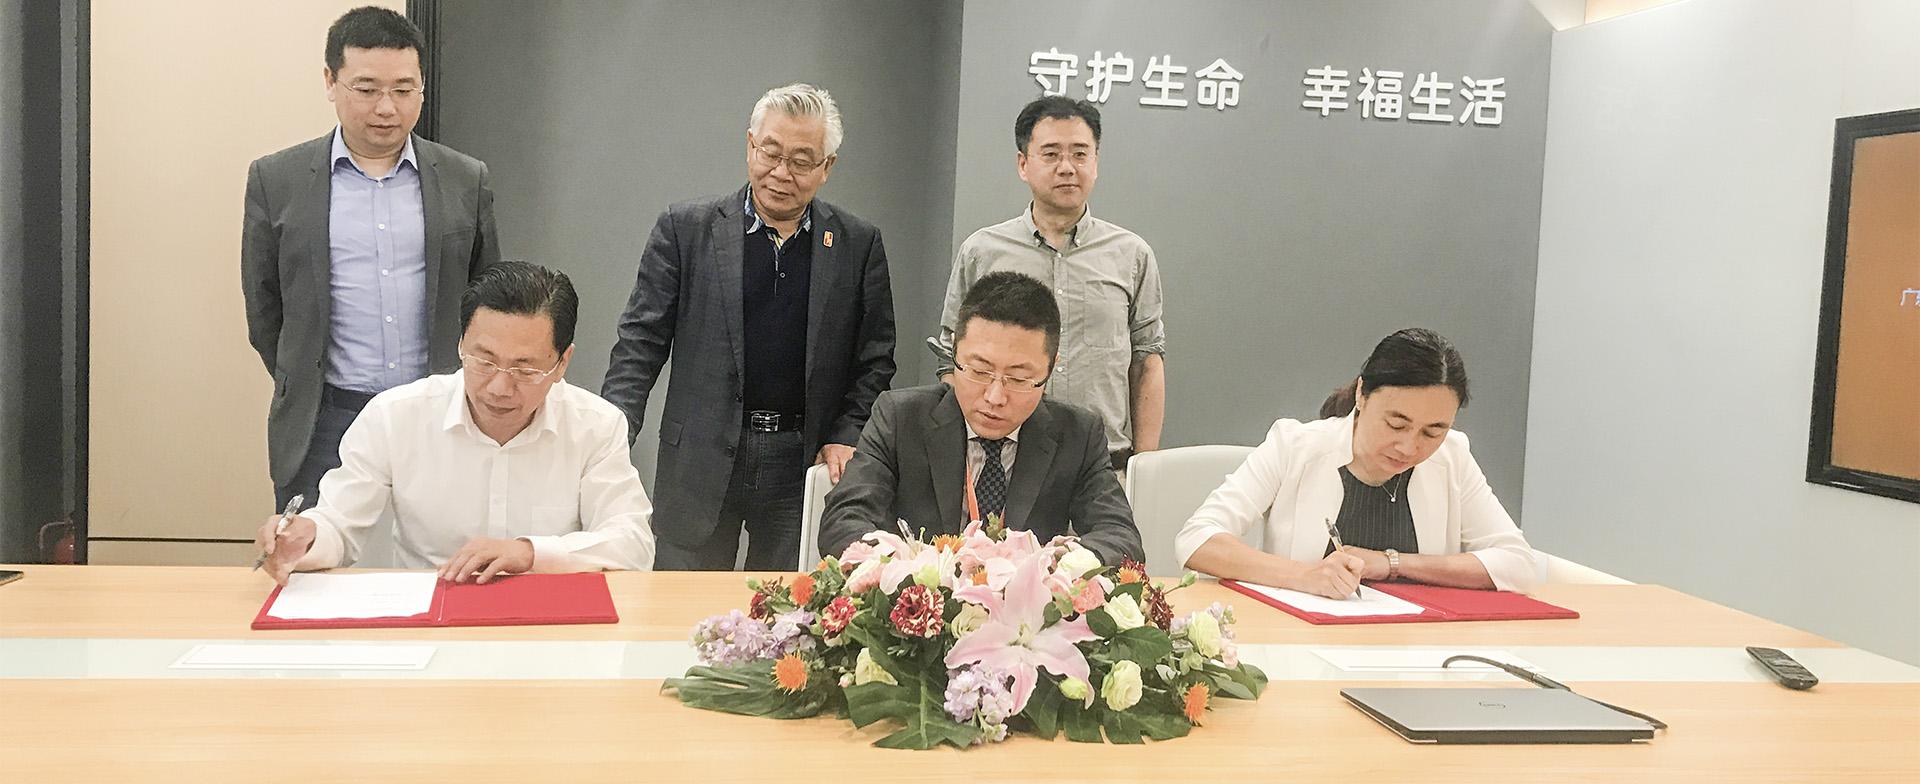 医特中心&诺康医疗&华润医药正式签署战略合作协议